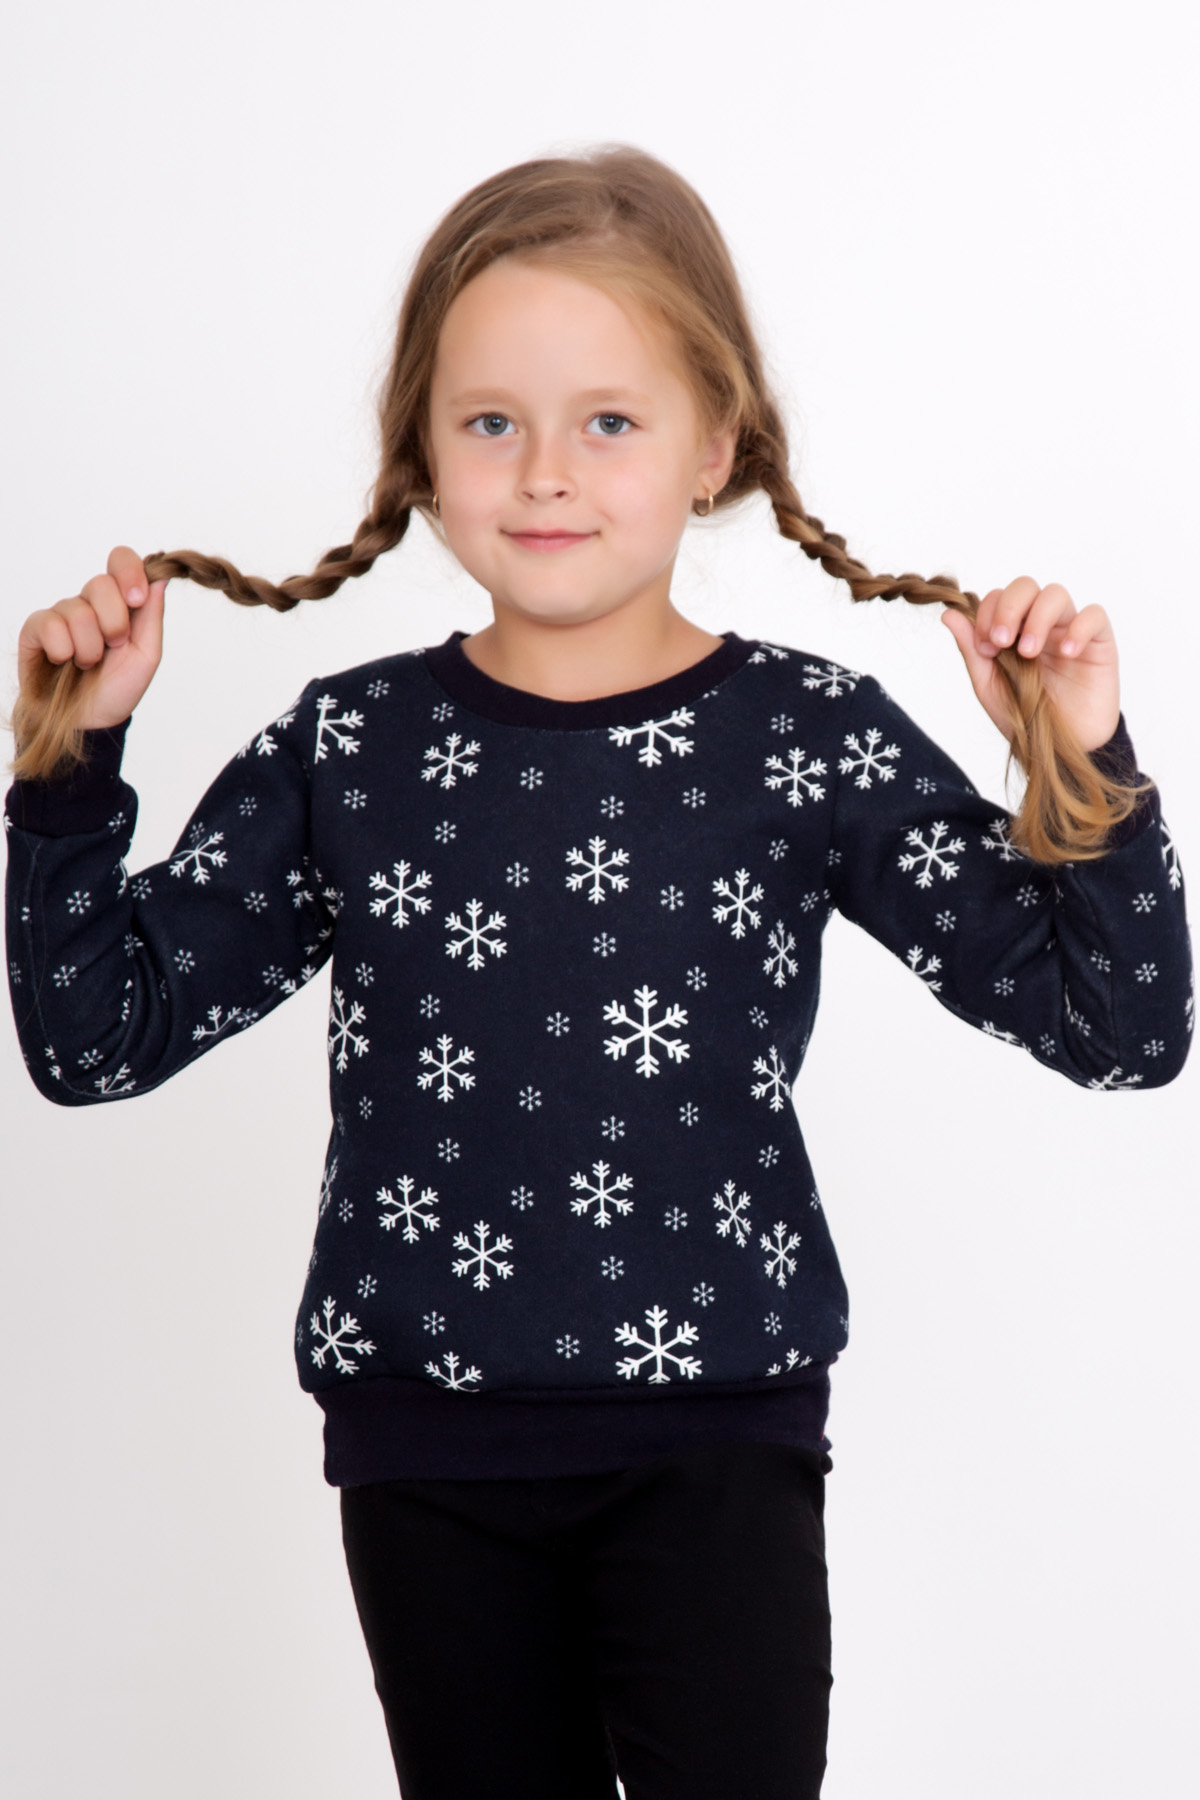 Дет. толстовка Снежинка р. 36Толстовки, джемпера и рубашки<br><br><br>Тип: Дет. толстовка<br>Размер: 36<br>Материал: Футер